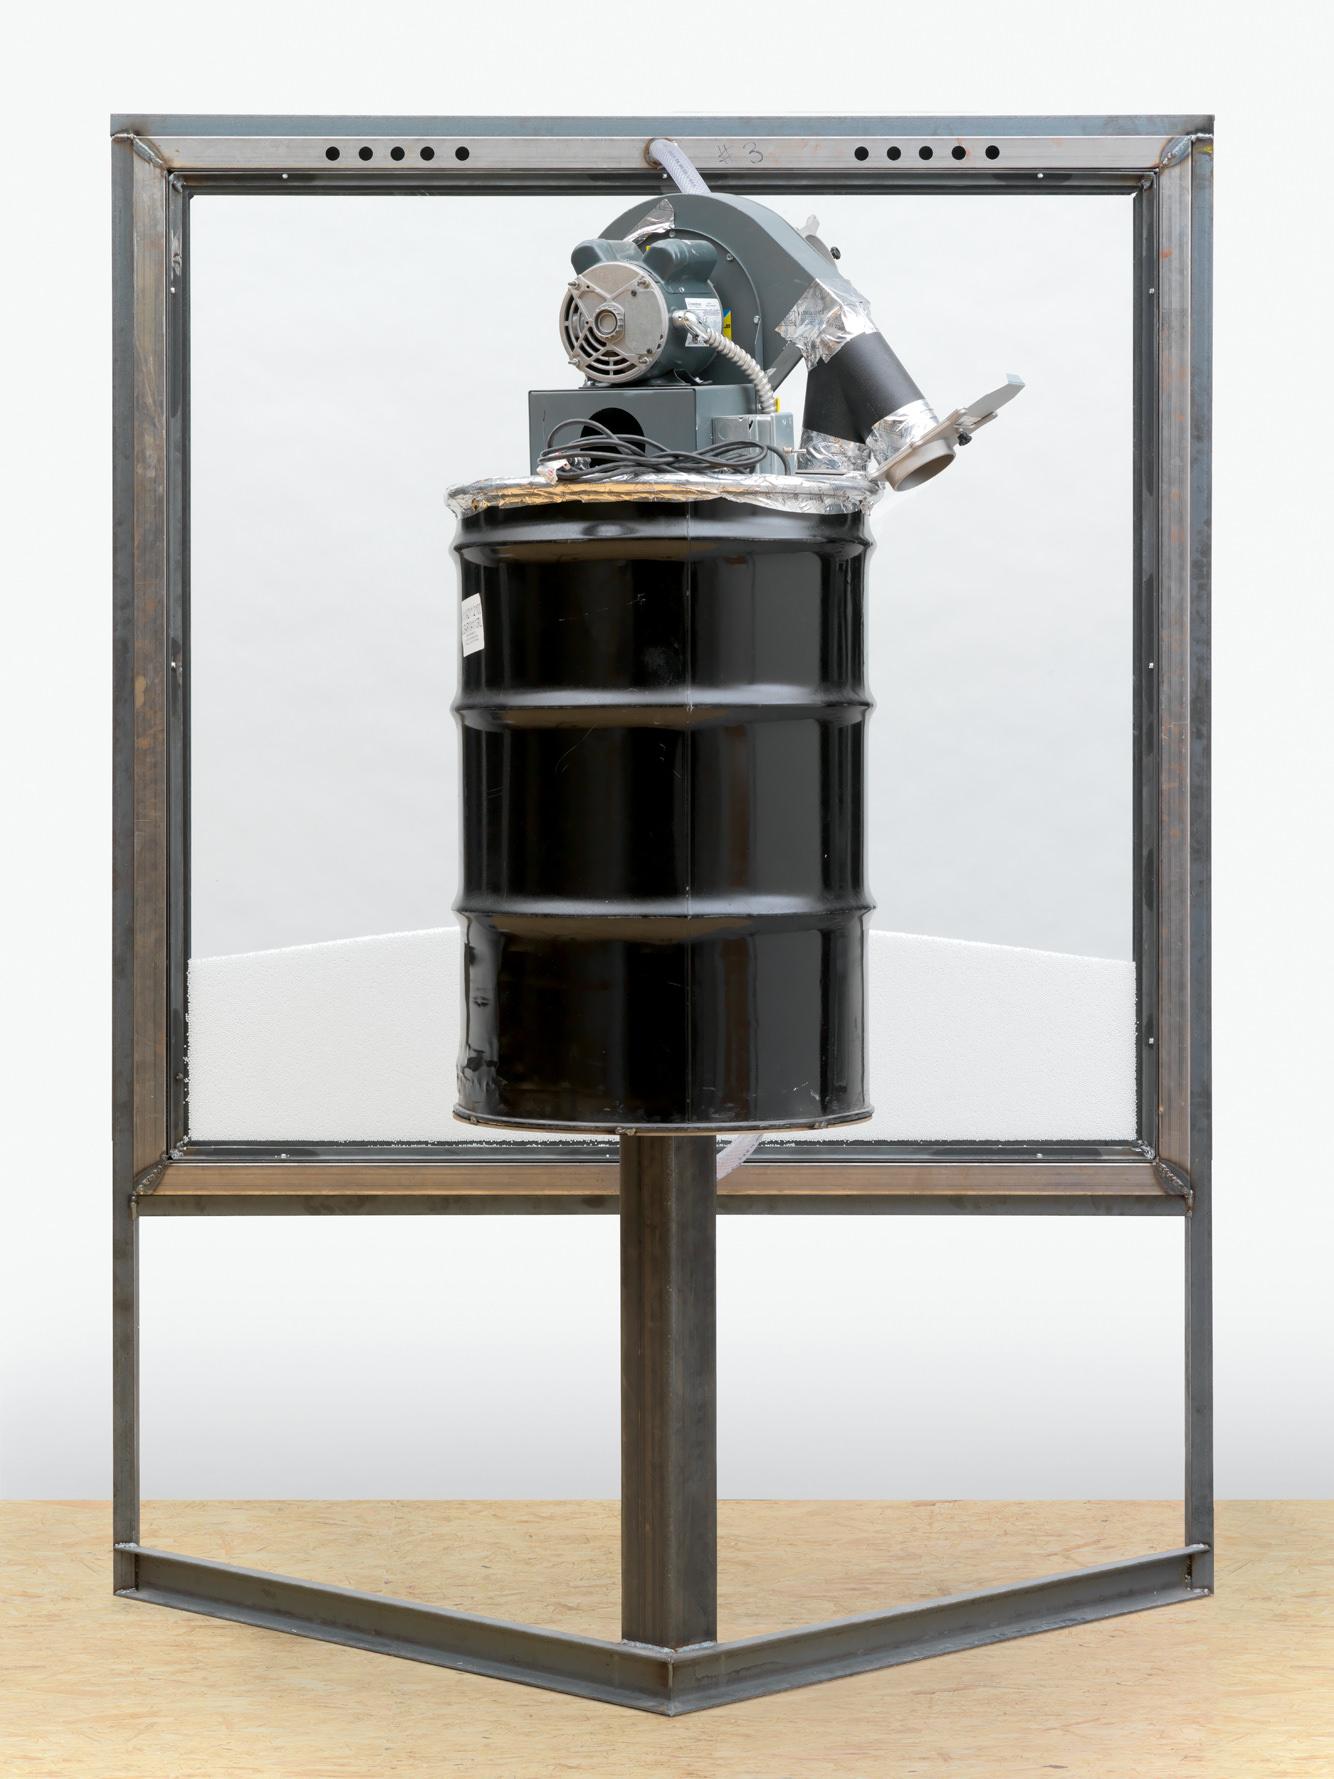 Courtesy Oscar Tuazon et Galerie Eva Presenhuber, Zurich/Photo: Stefan Altenburger Photography, Zurich Windowpane(2013), acier, acrylique, composants électriques, tambour, polystyrène et verre, 232 x 172,5 x 119 cm.